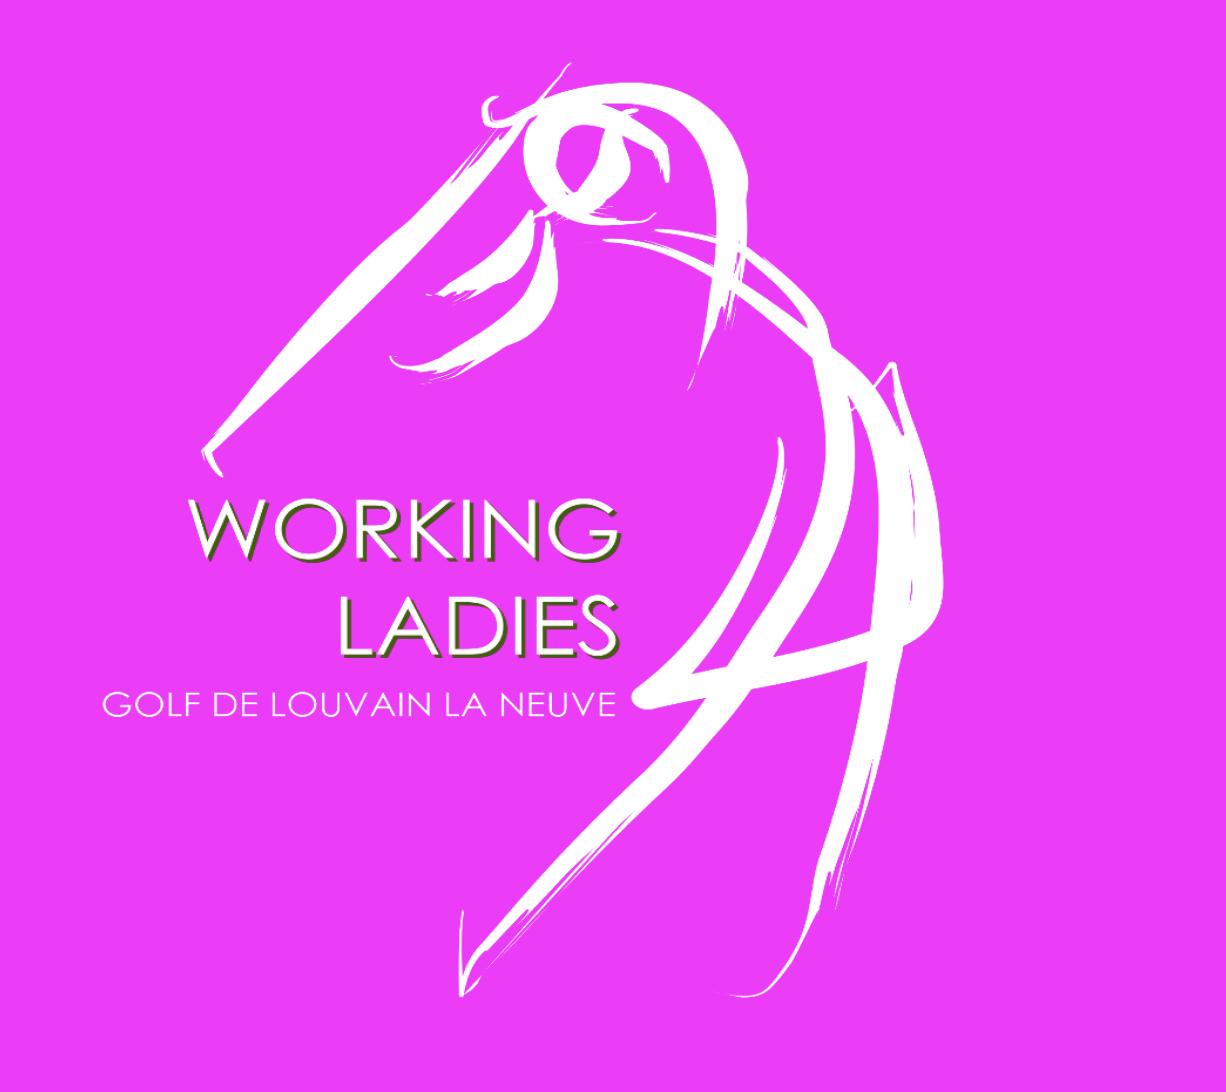 working ladies